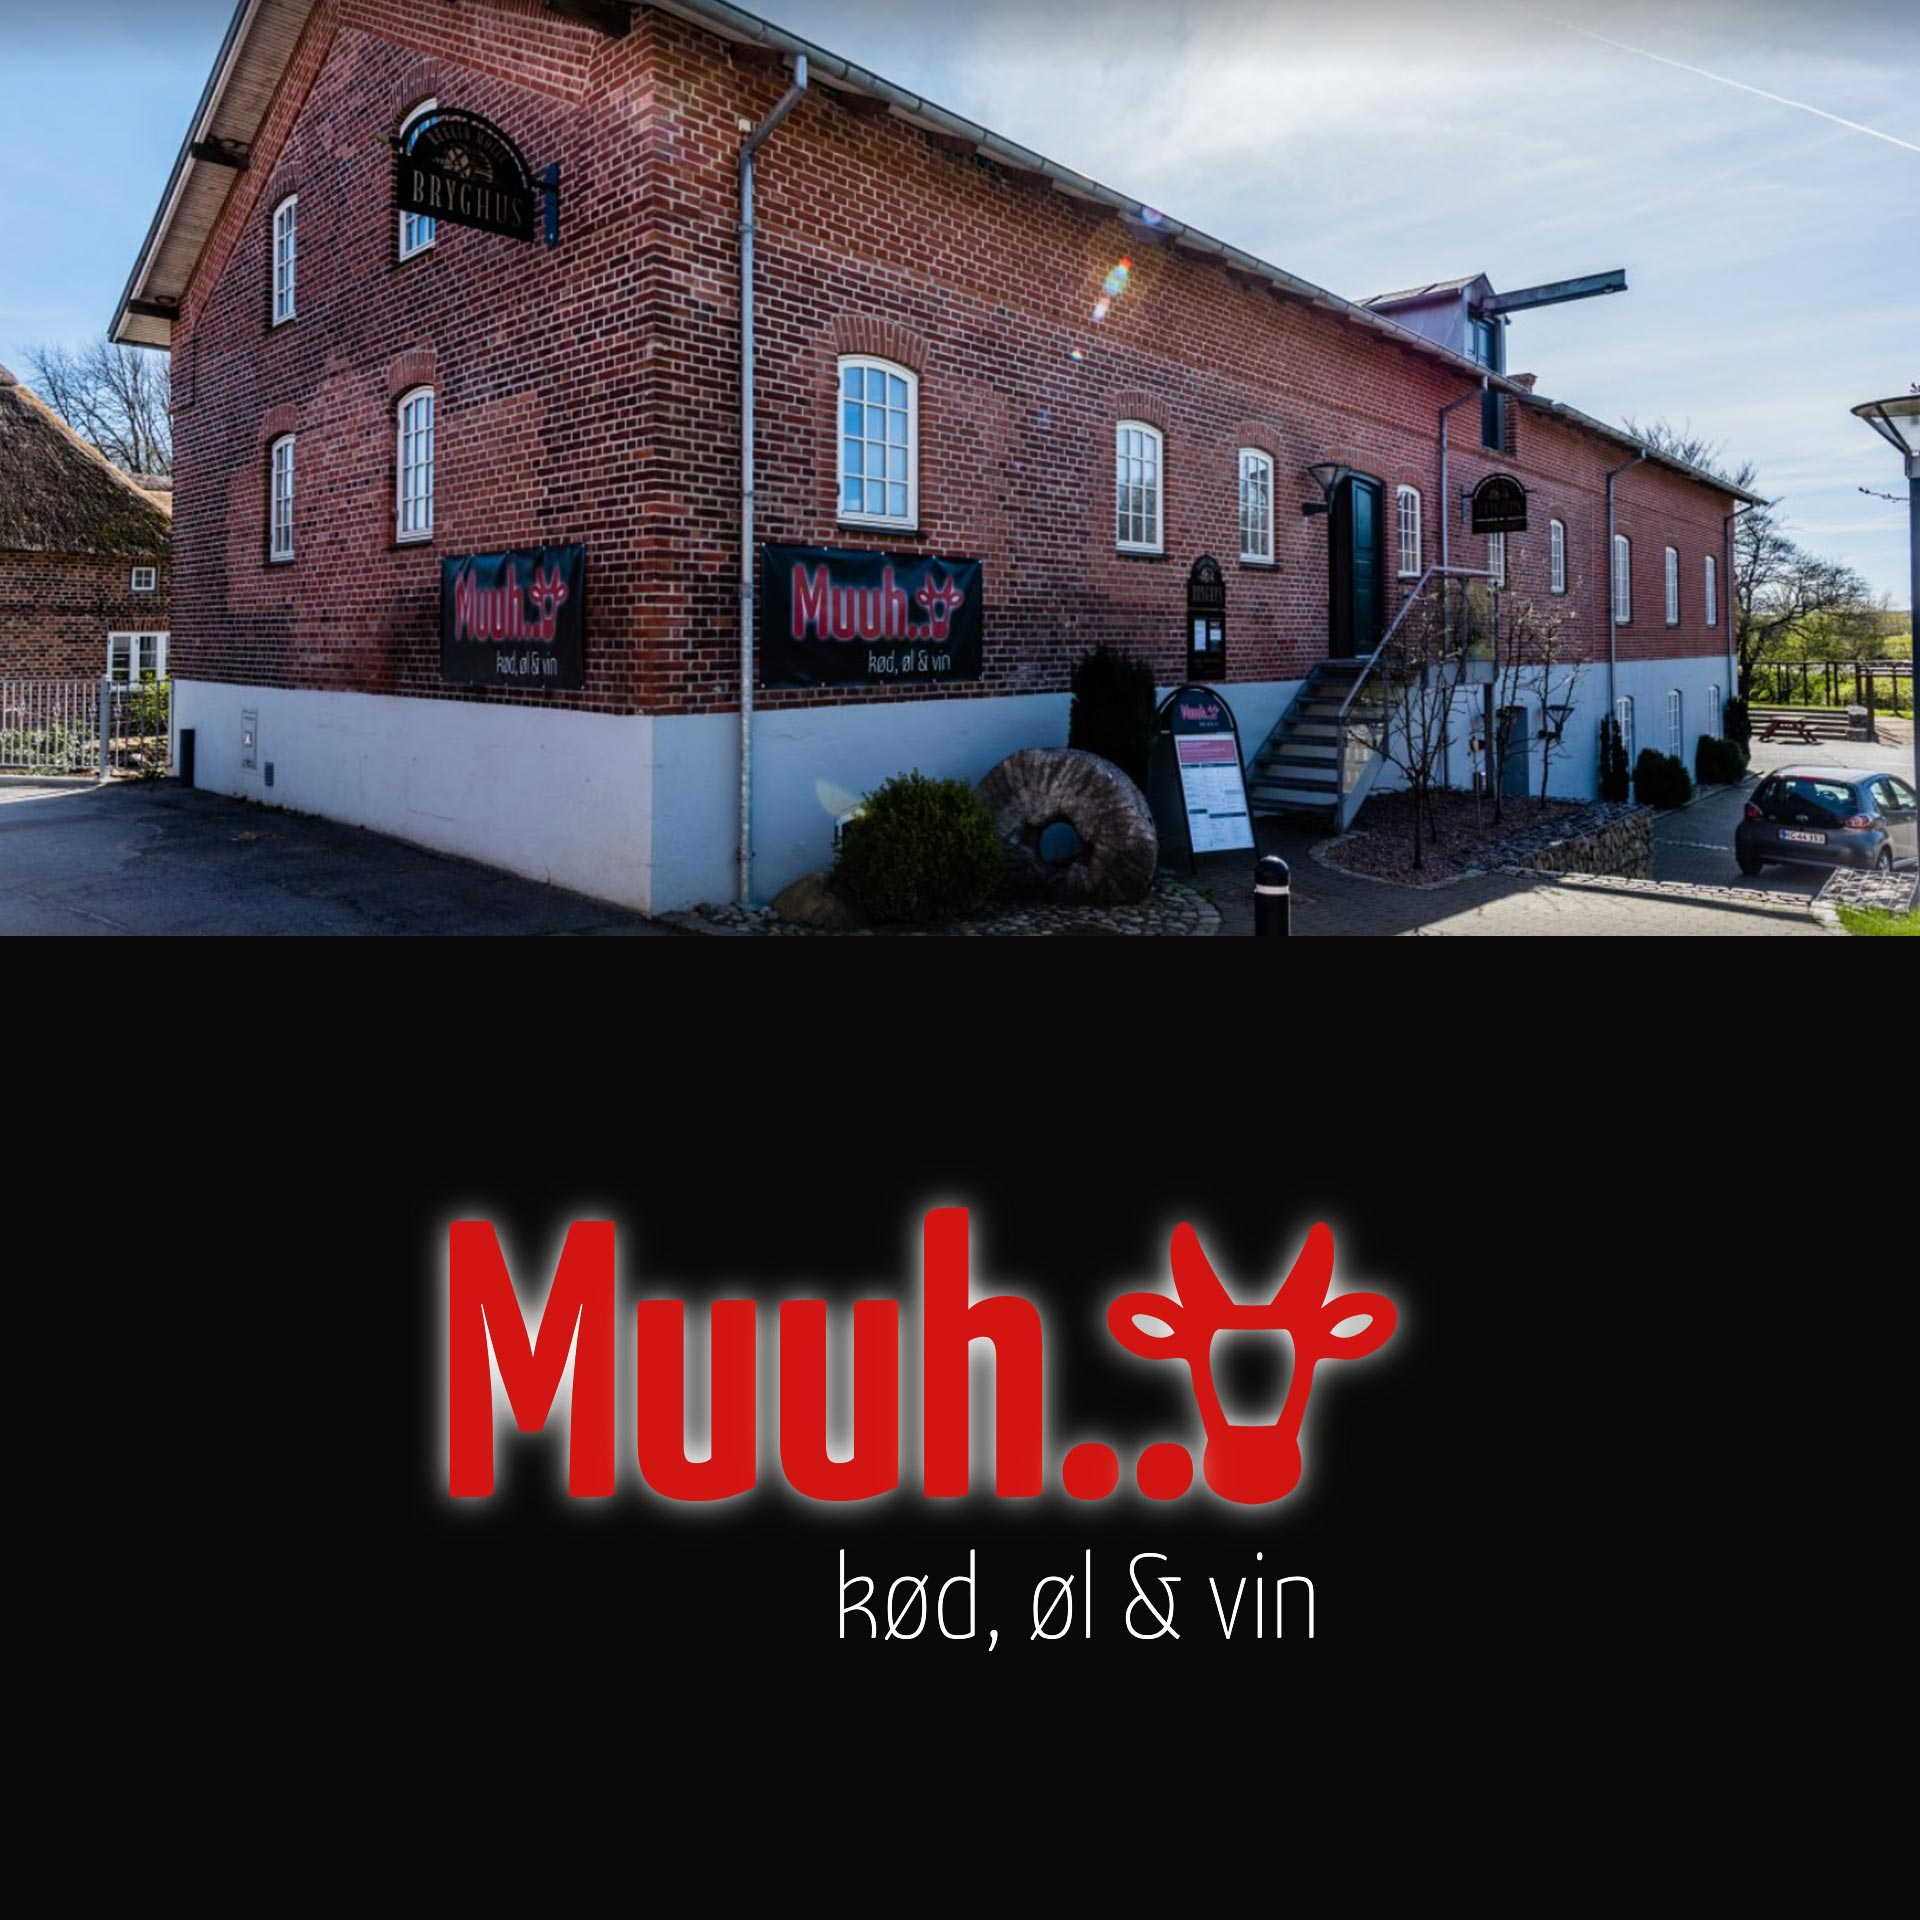 Restaurant Muuh